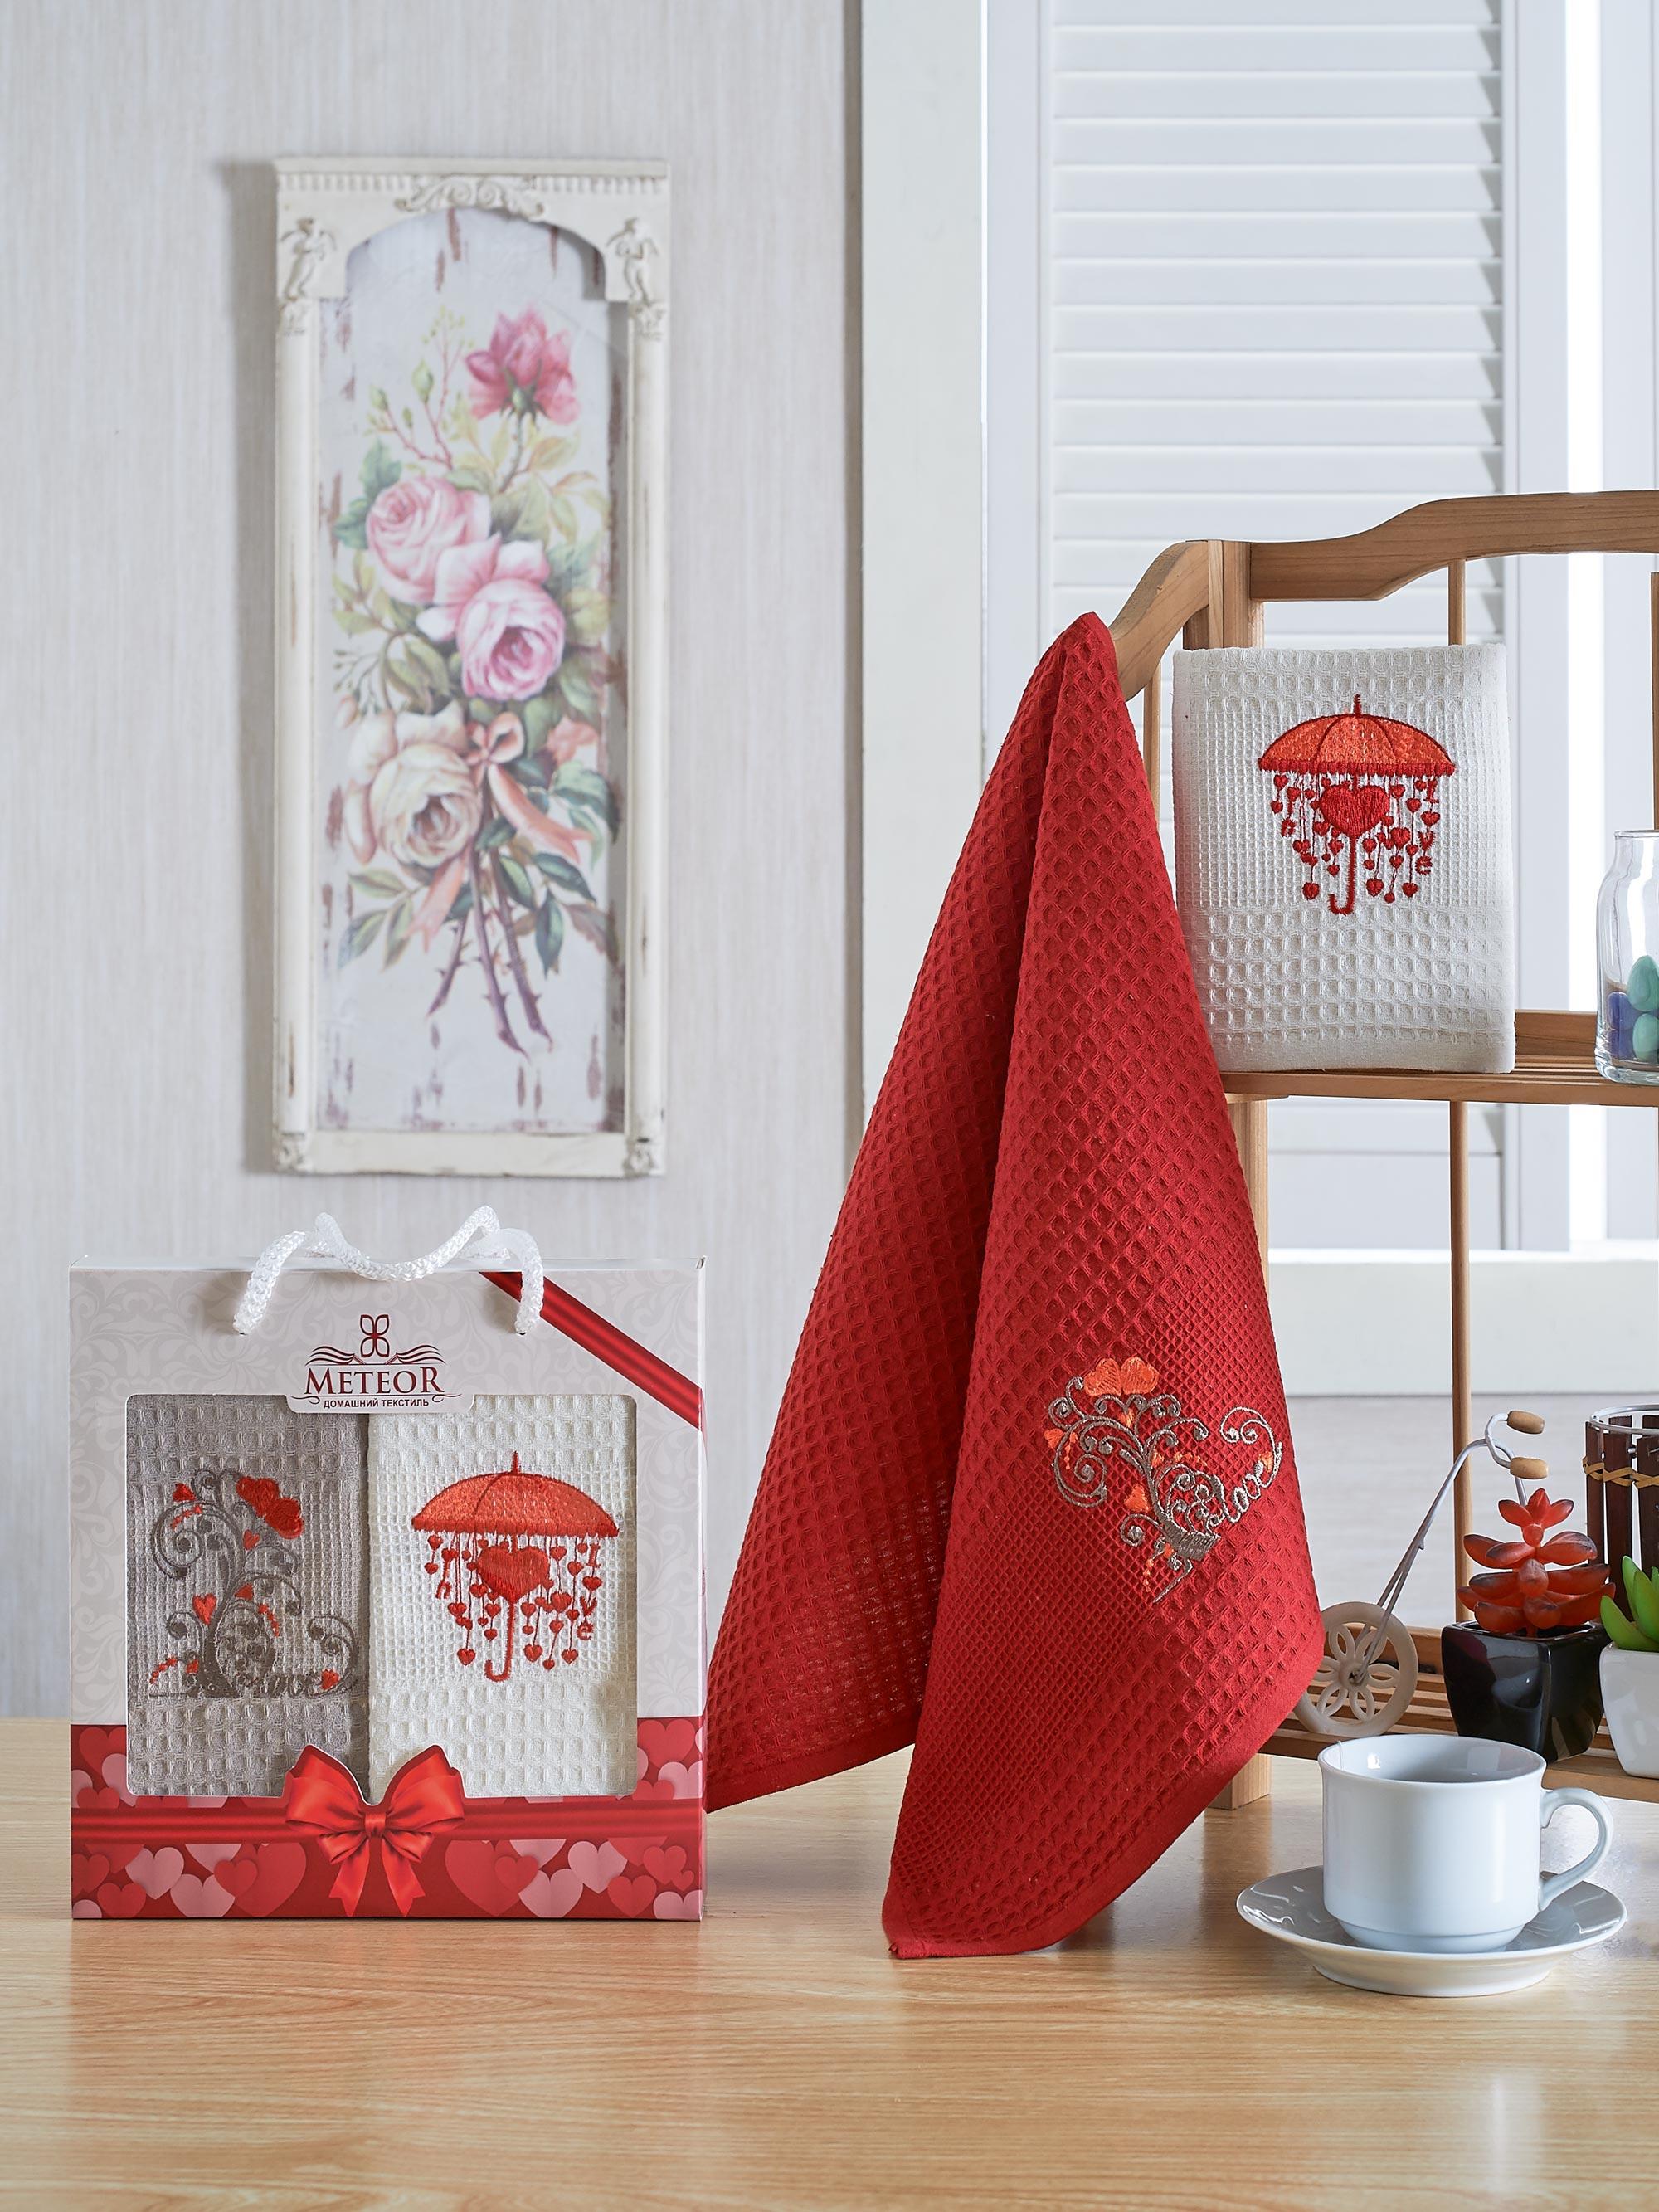 Полотенца Meteor Кухонное полотенце Сердца (40х60 см - 2 шт) bon appetit кухонное полотенце cake цвет голубой 40х60 см 2 шт